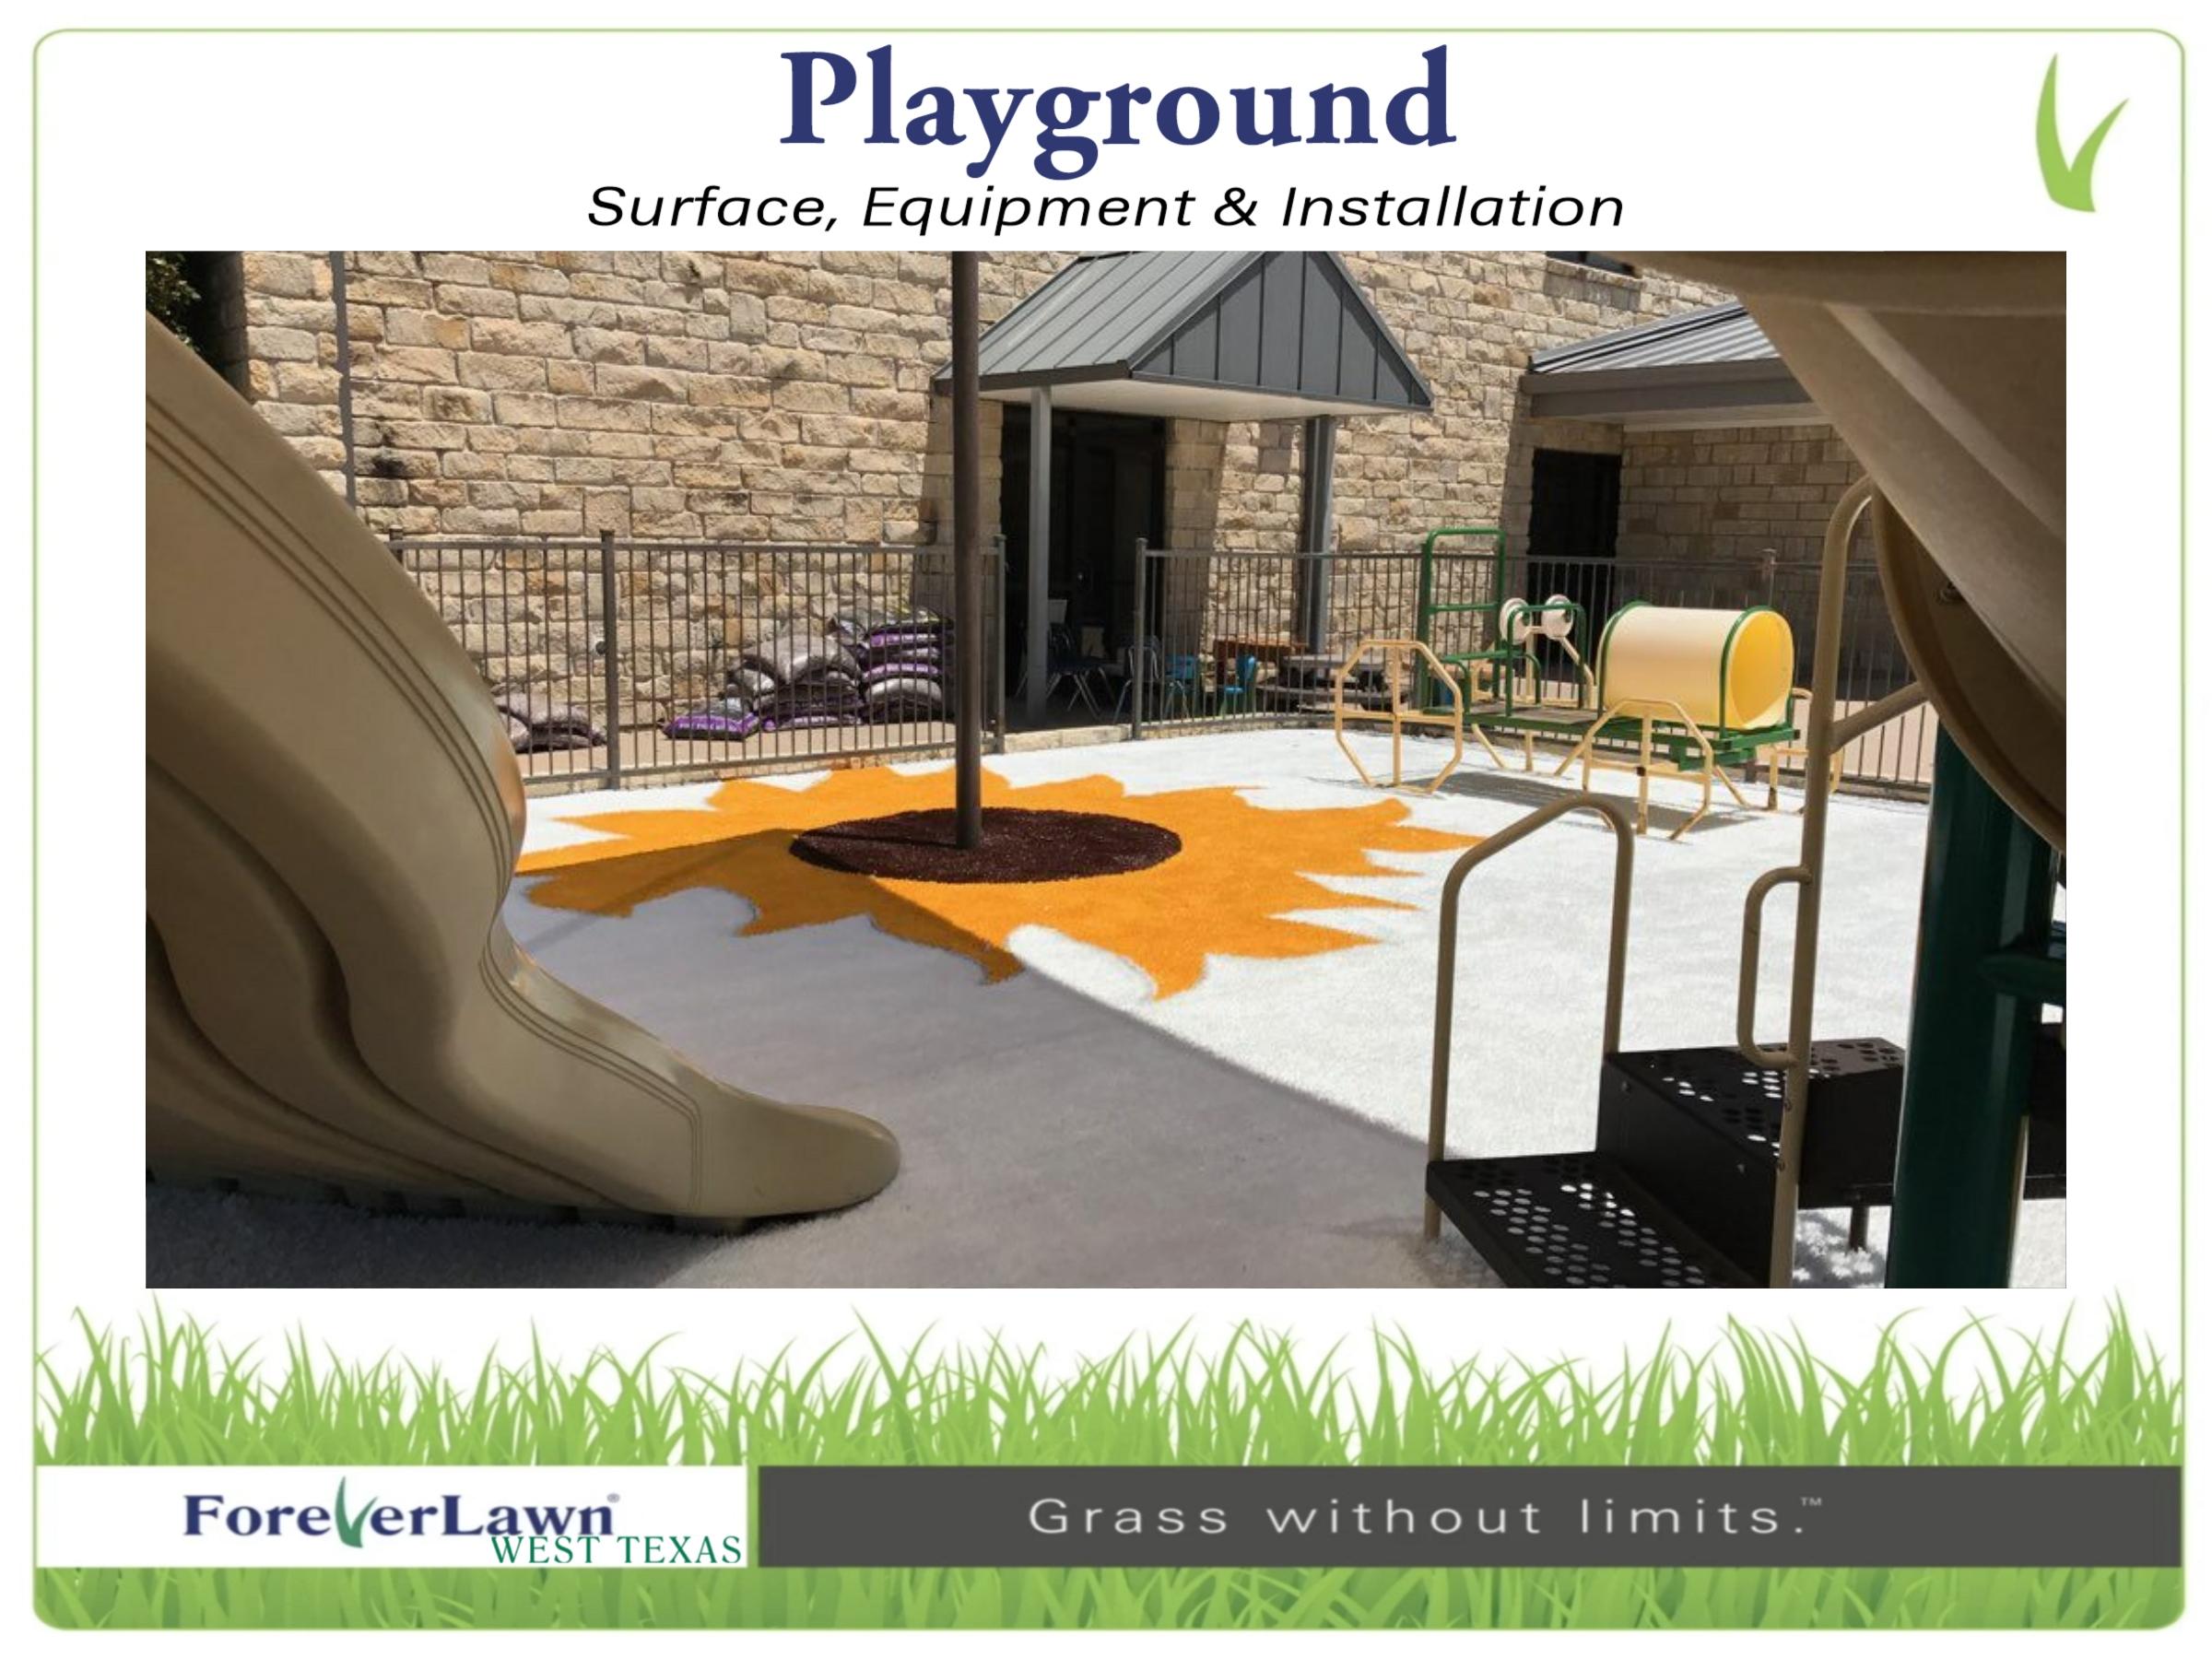 playground - Page 003.jpg